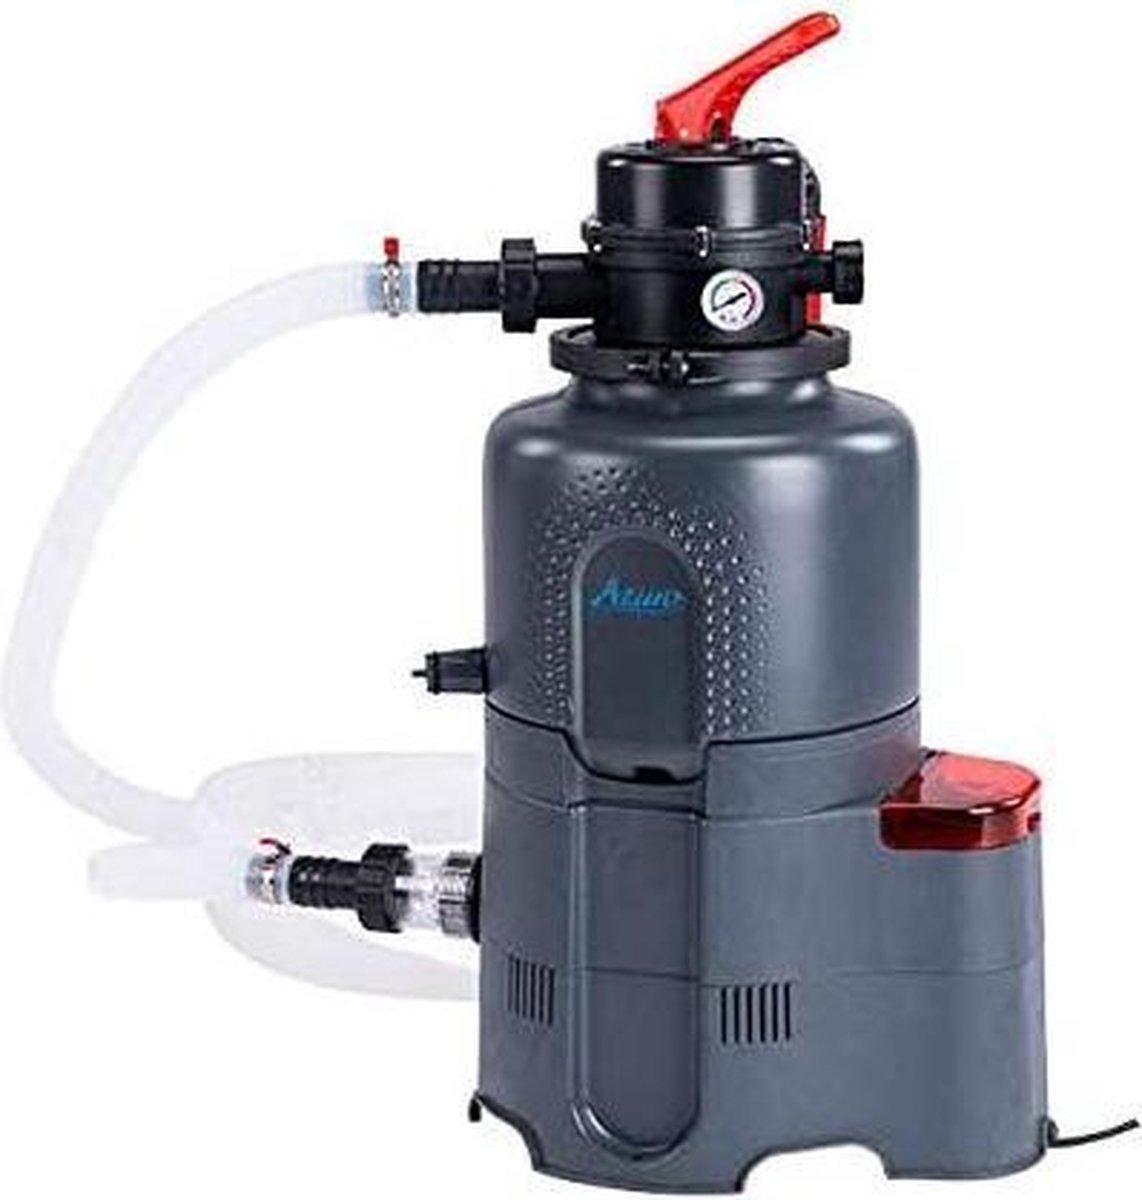 zwembad filter -azuro zandfilter monoblock 4 m³ / h - (WK 02123)